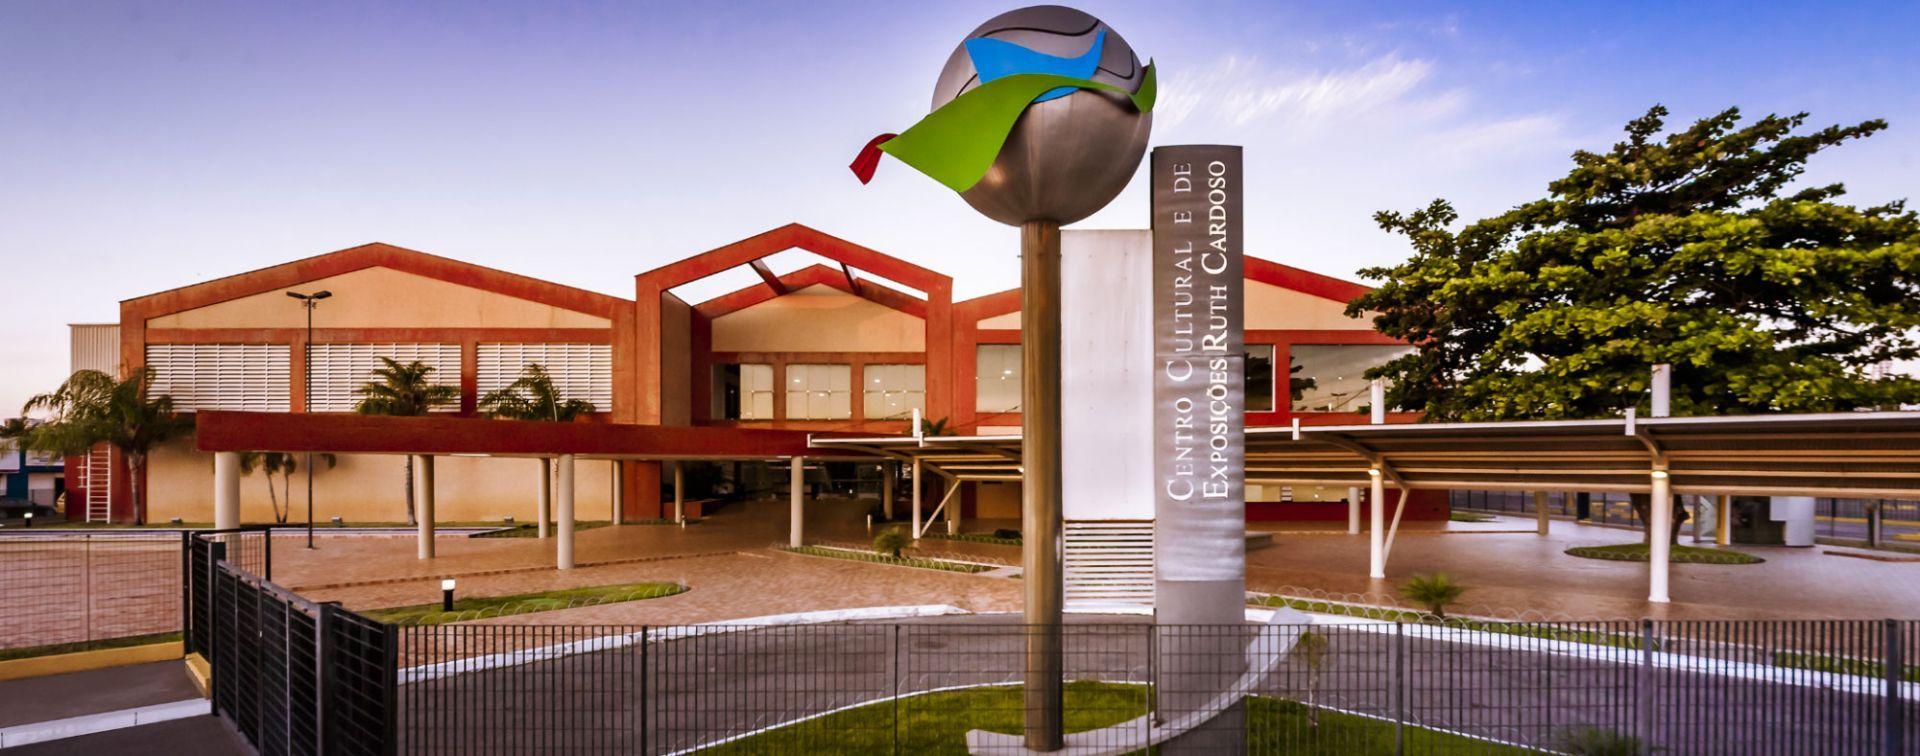 Fachada do Centro de Exposições, no bairro de Jaraguá - Maceió Alagoas